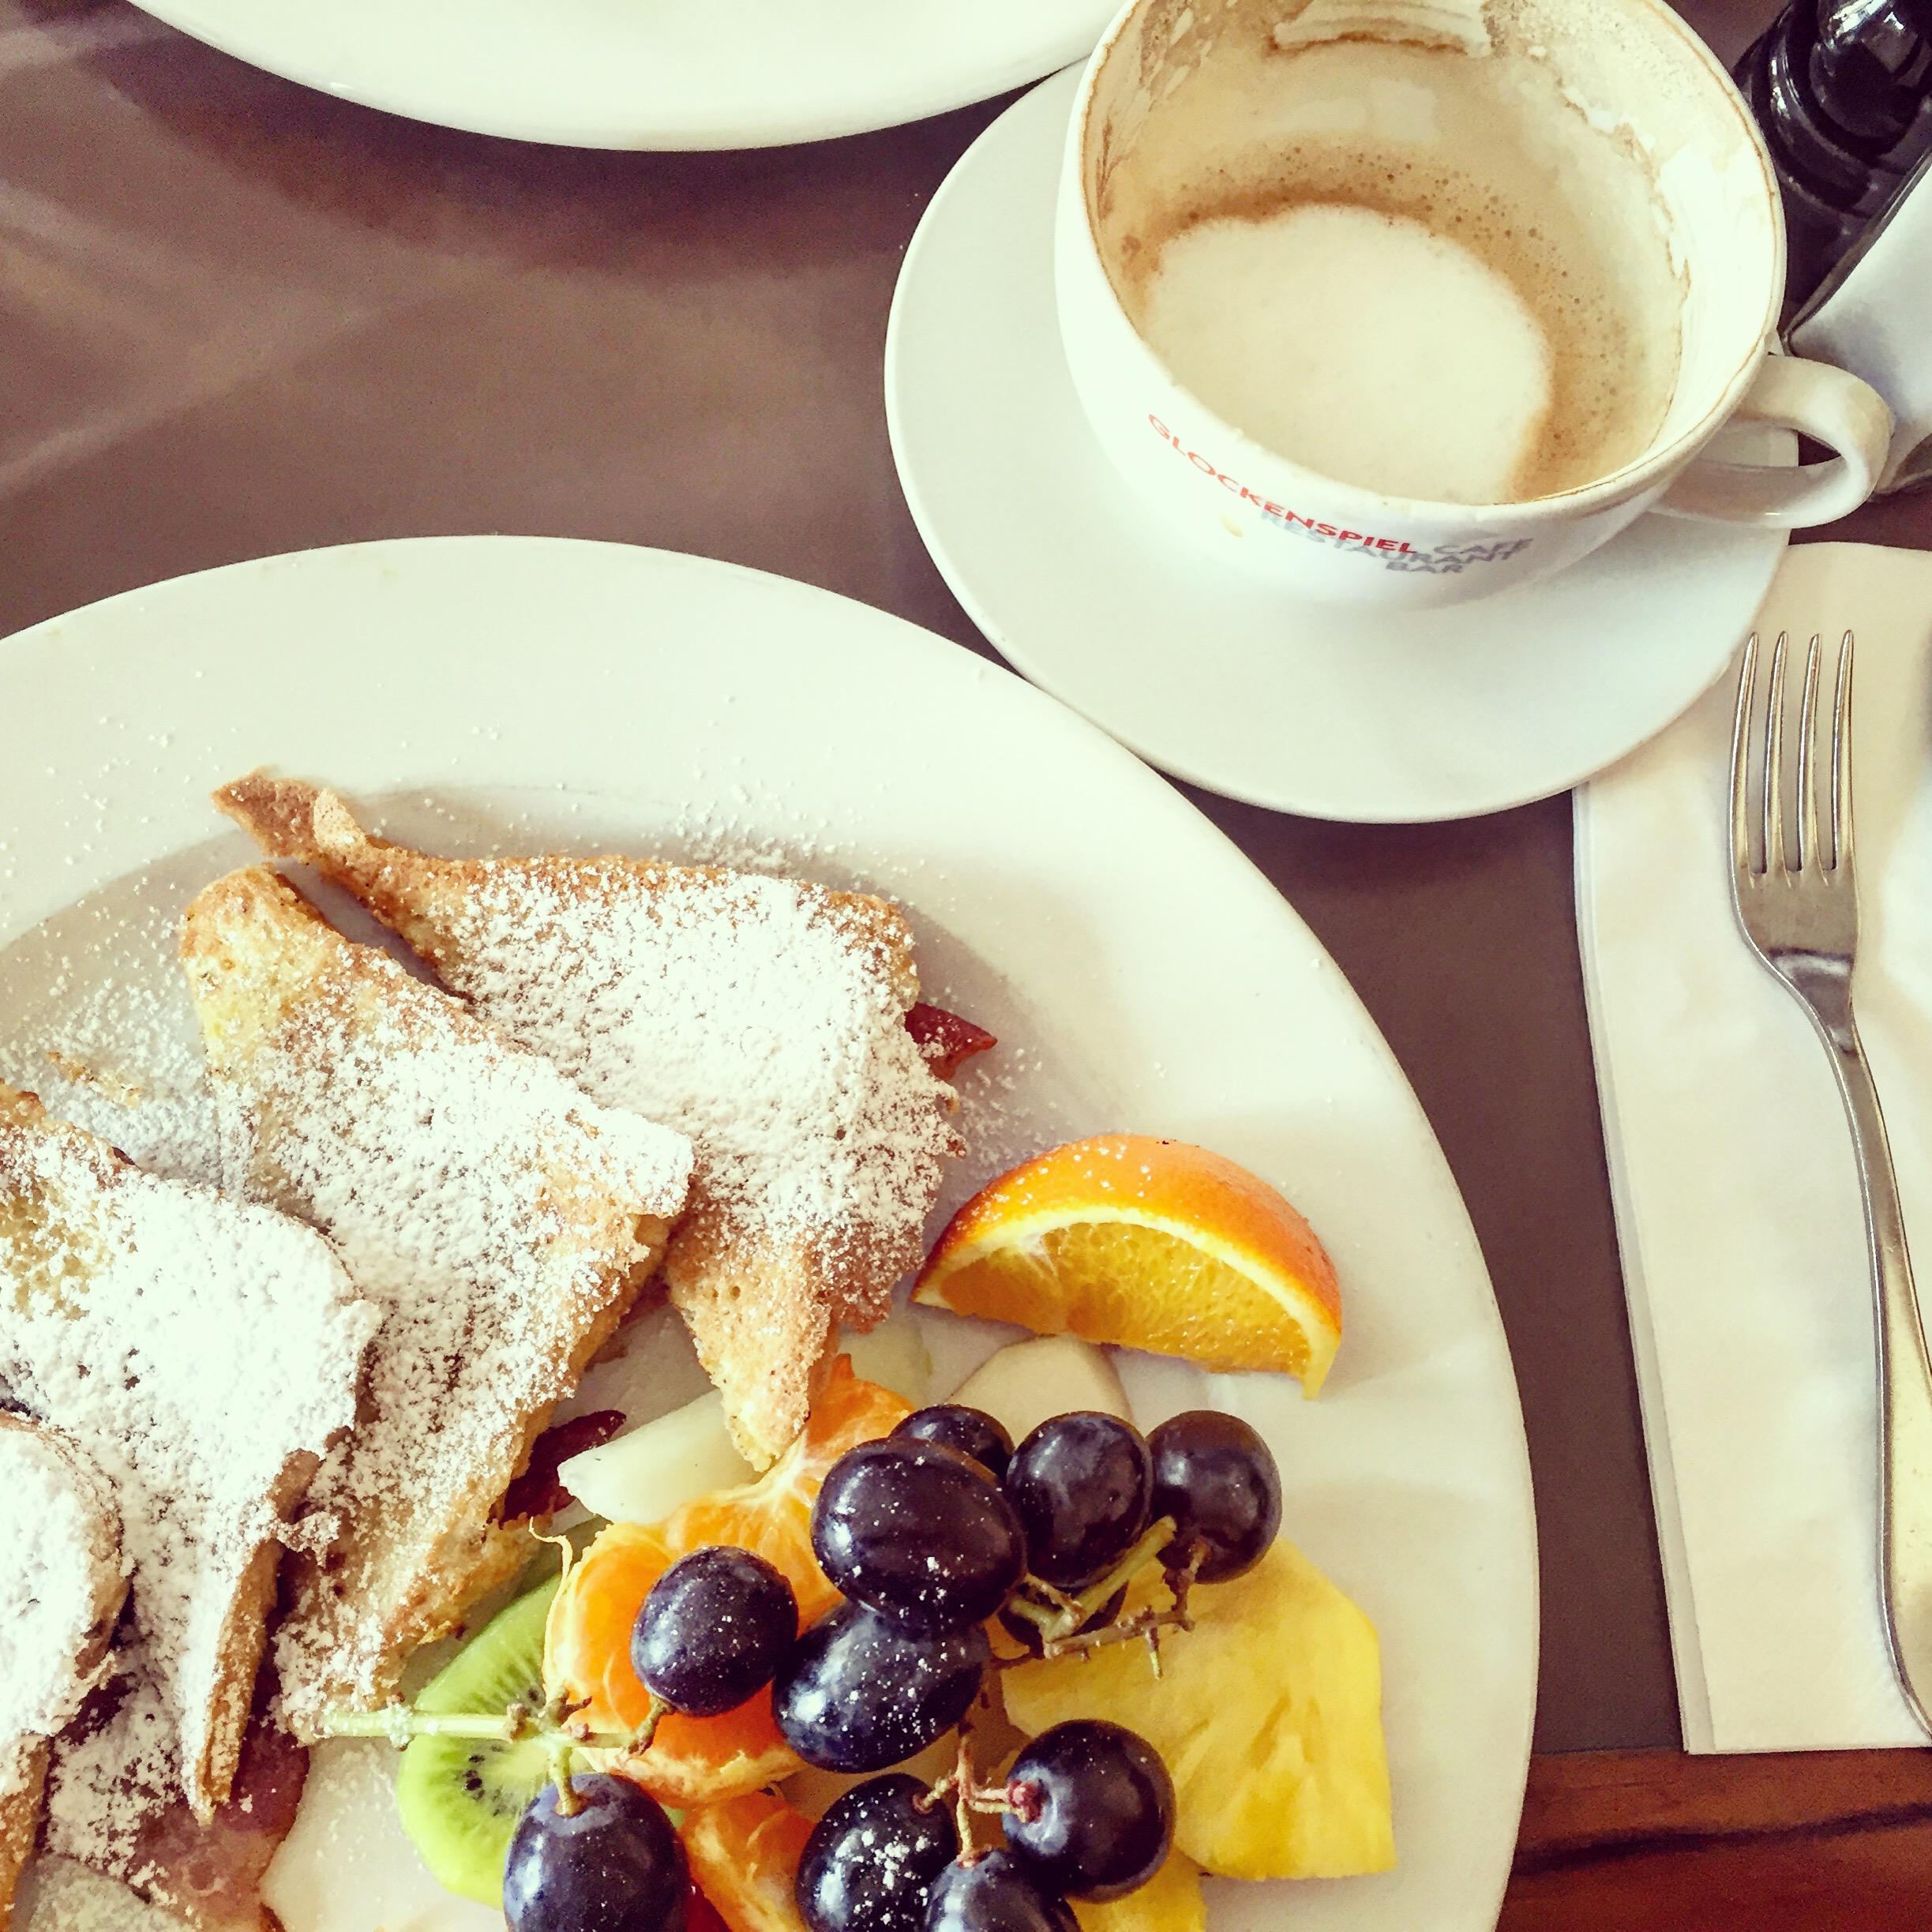 Delicious brunch at the Café Glockenspiel